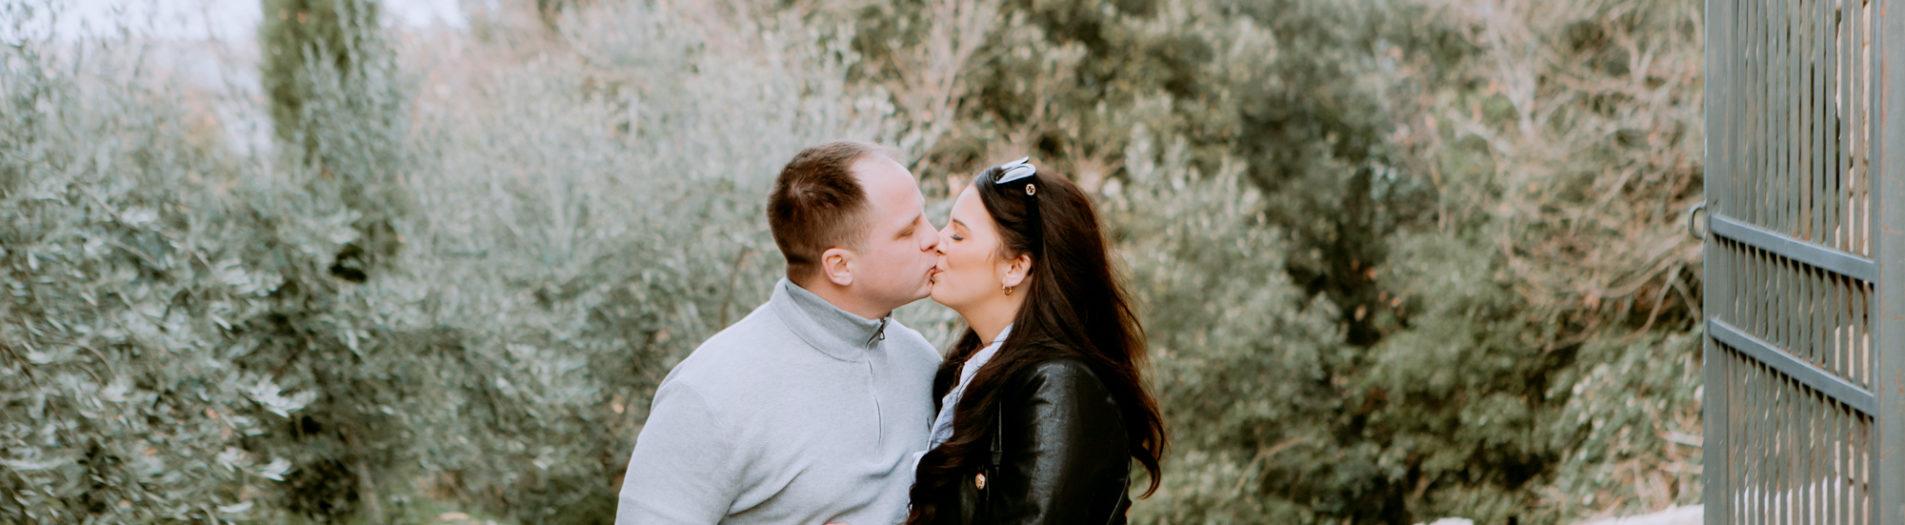 Engagement Shoot: un servizio fotografico dedicato ai futuri sposi